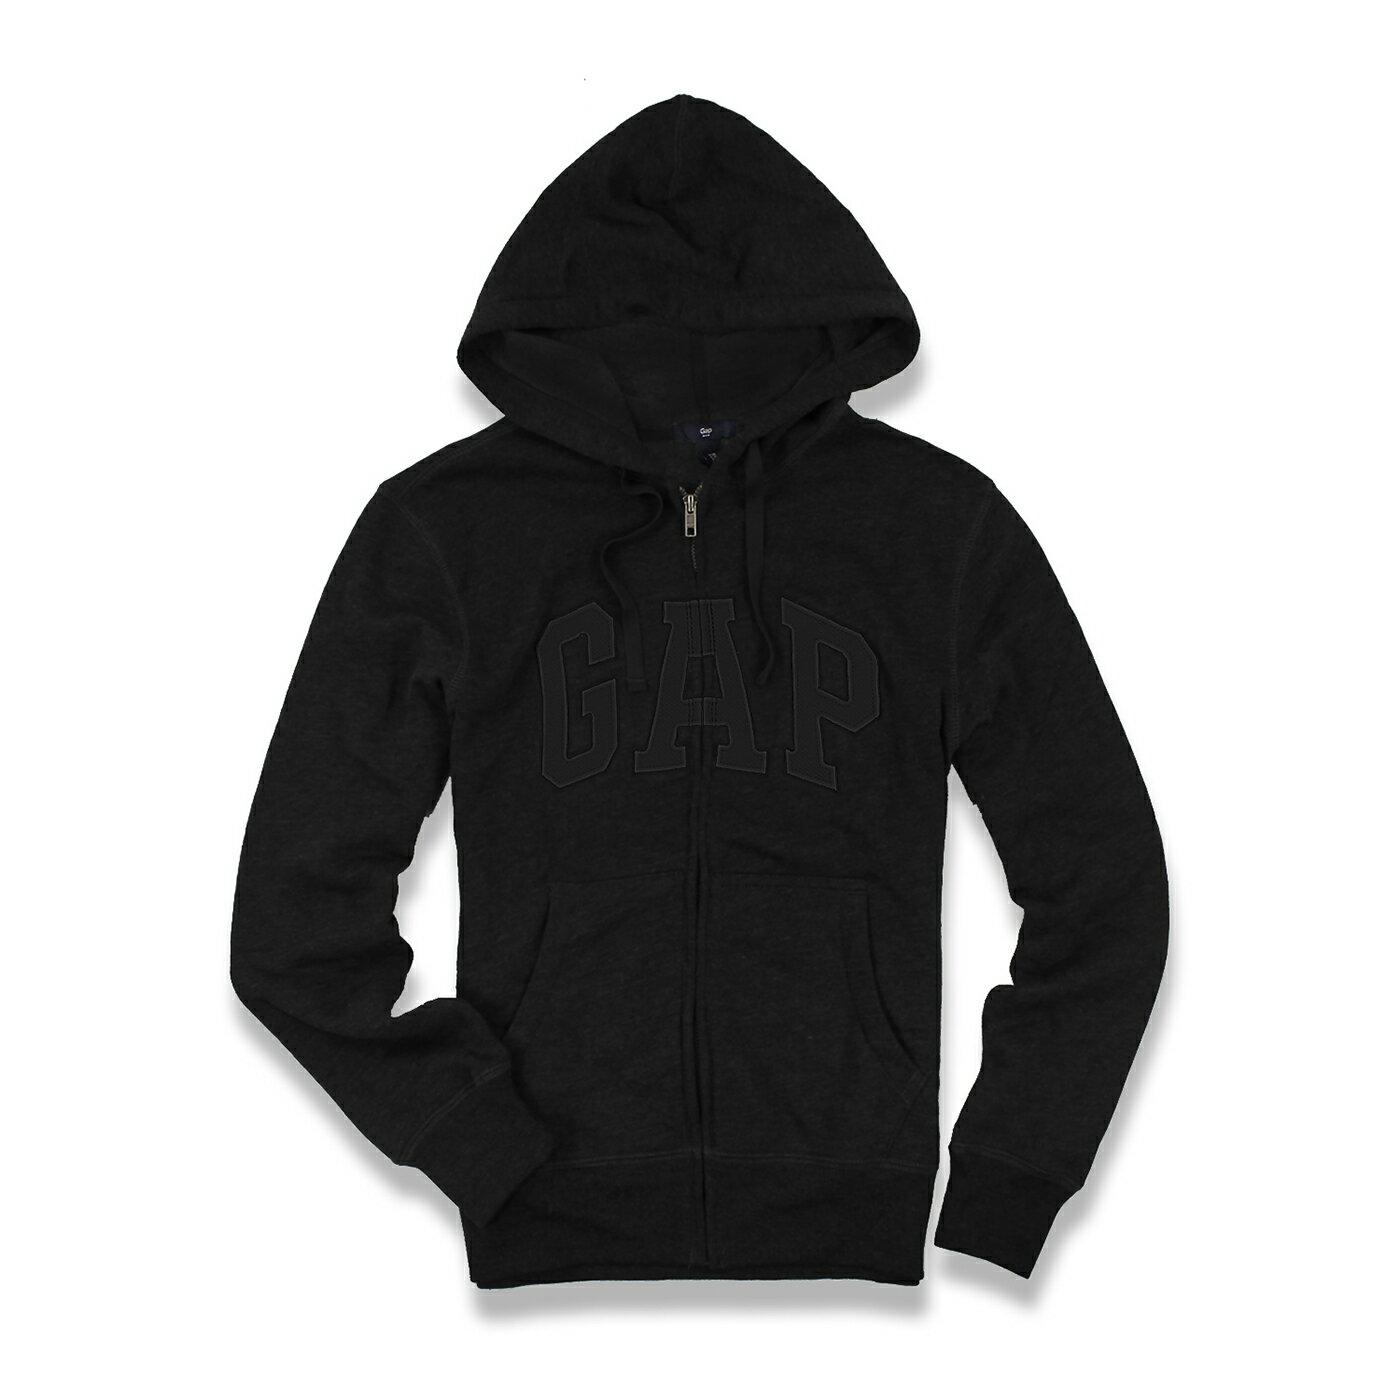 美國百分百【全新真品】GAP 外套 上衣 長袖 連帽 LOGO 貼布 刷毛 黑色 黑字 現貨 男 S M號 E927